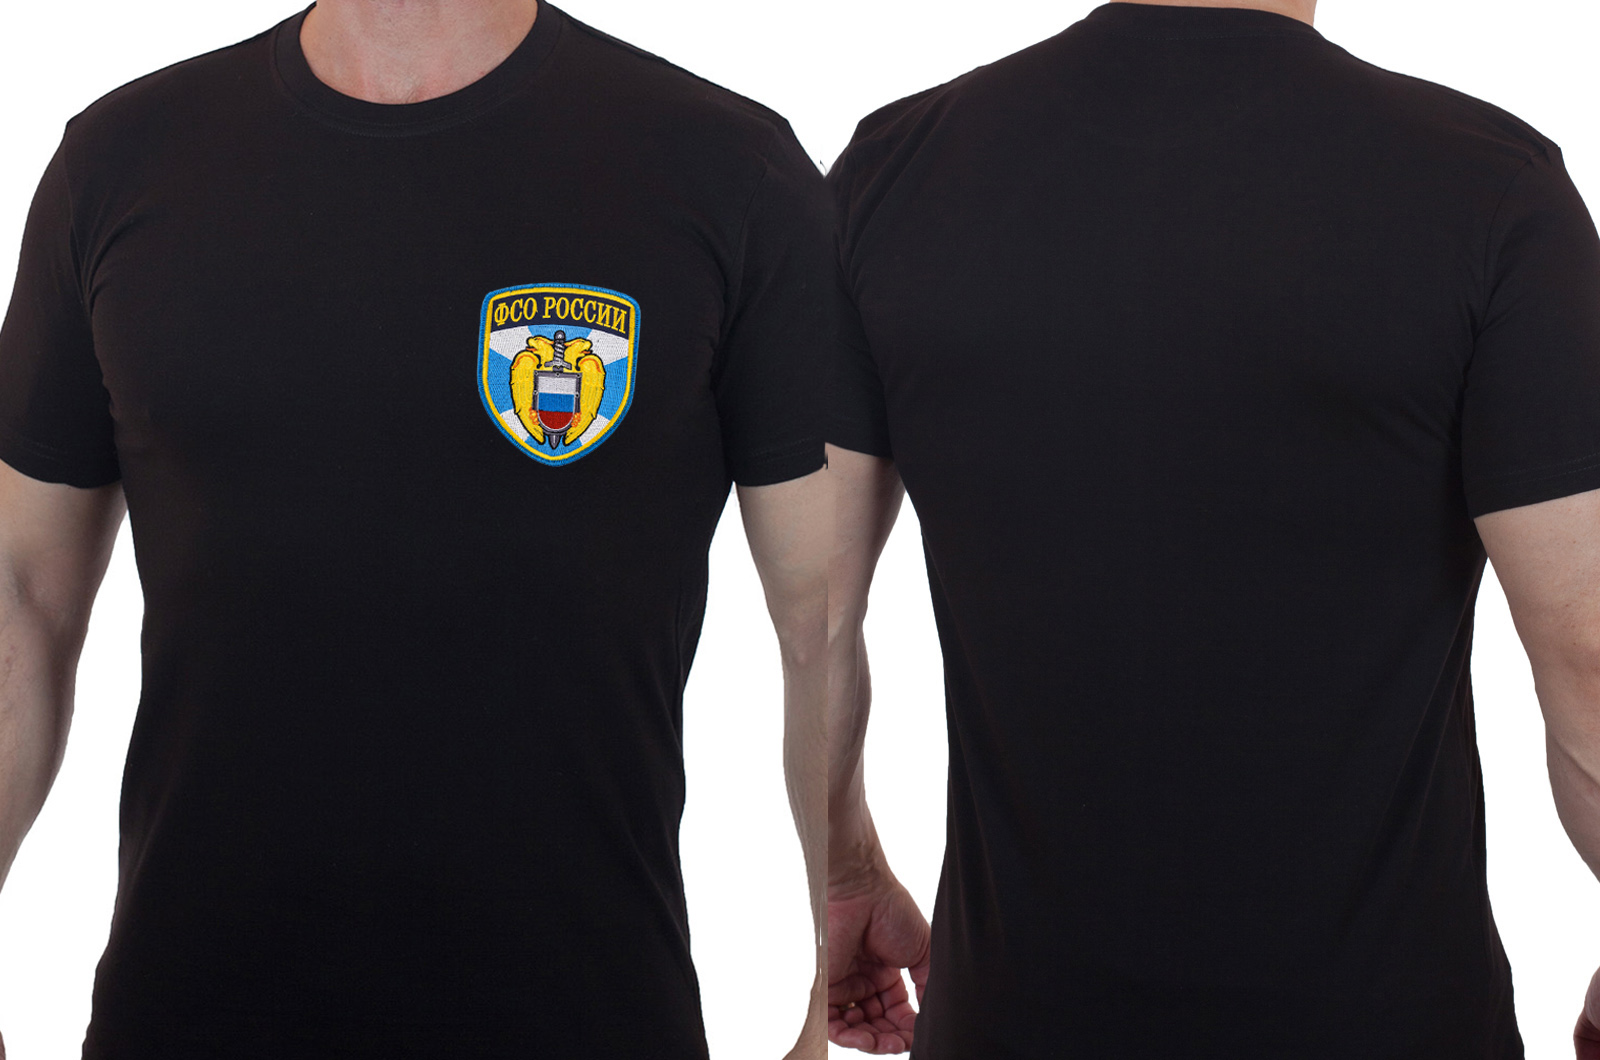 Черная хлопковая футболка с вышитым шевроном ФСО России - купить в подарок